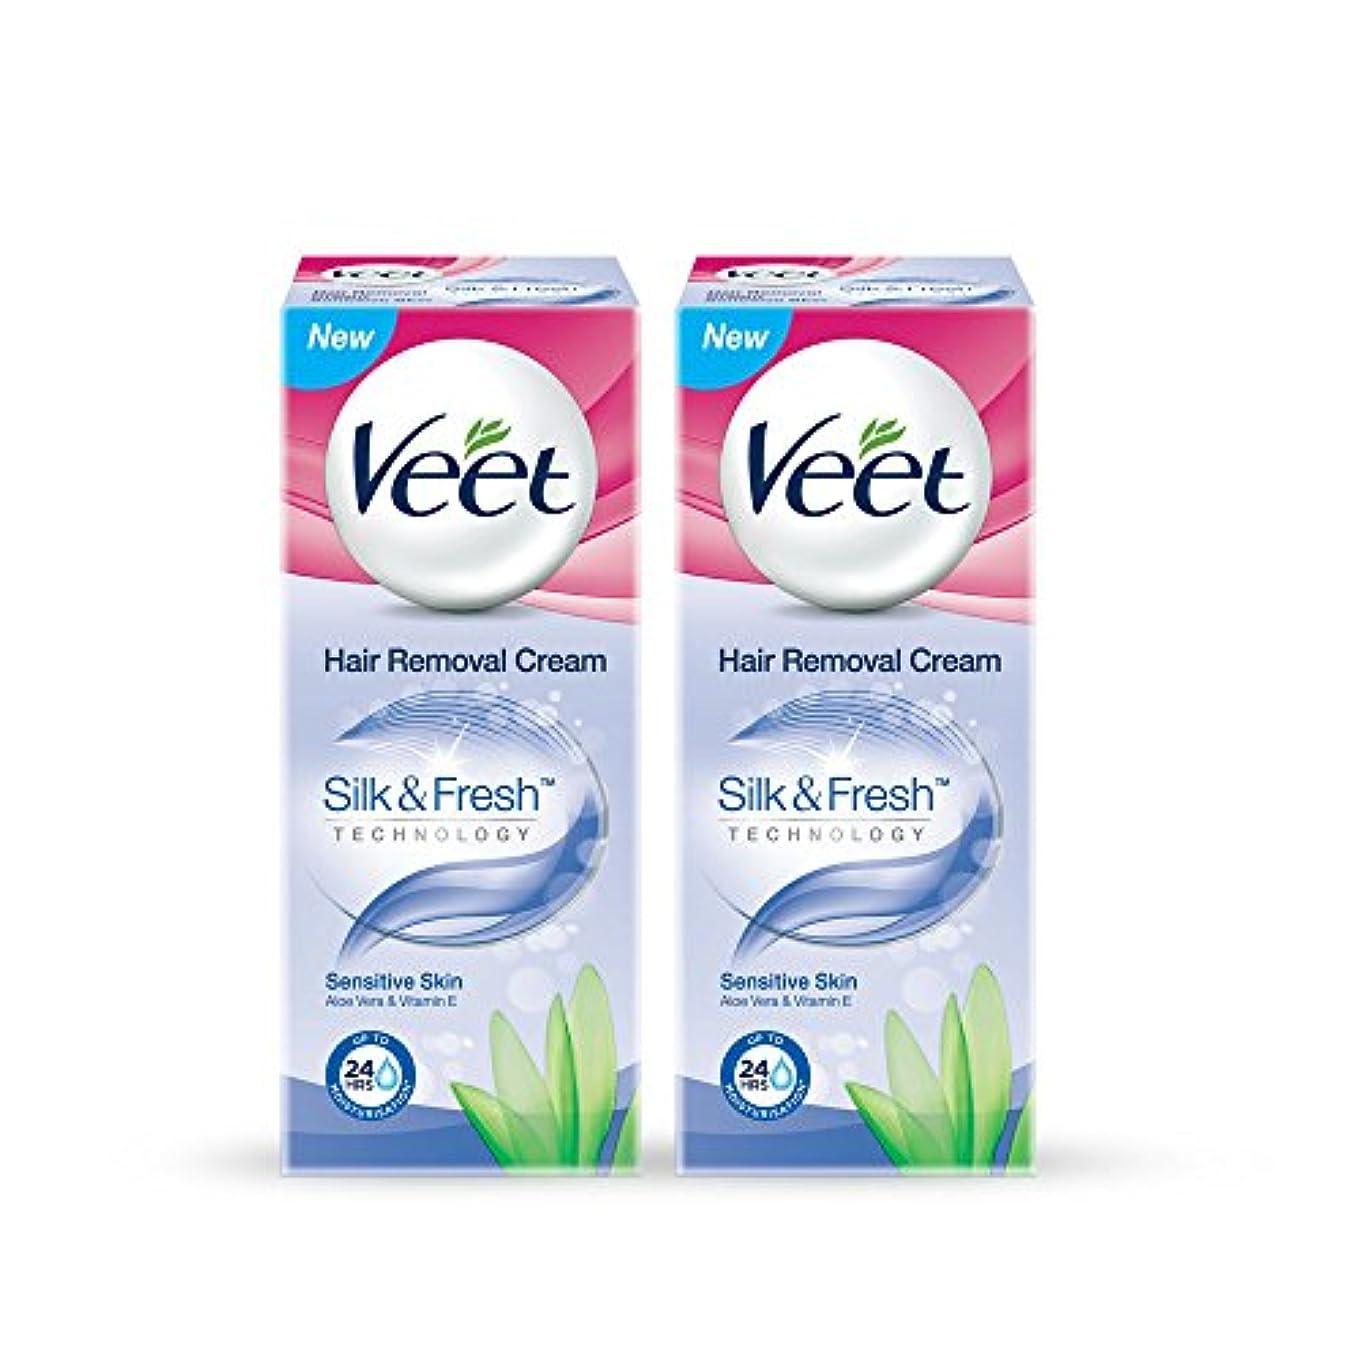 解凍する、雪解け、霜解け遠洋の代数的Veet Hair Removal Gel Cream For Sensitive Skin With Aloe Vera and Vitamin E 25 g (Pack of 2)